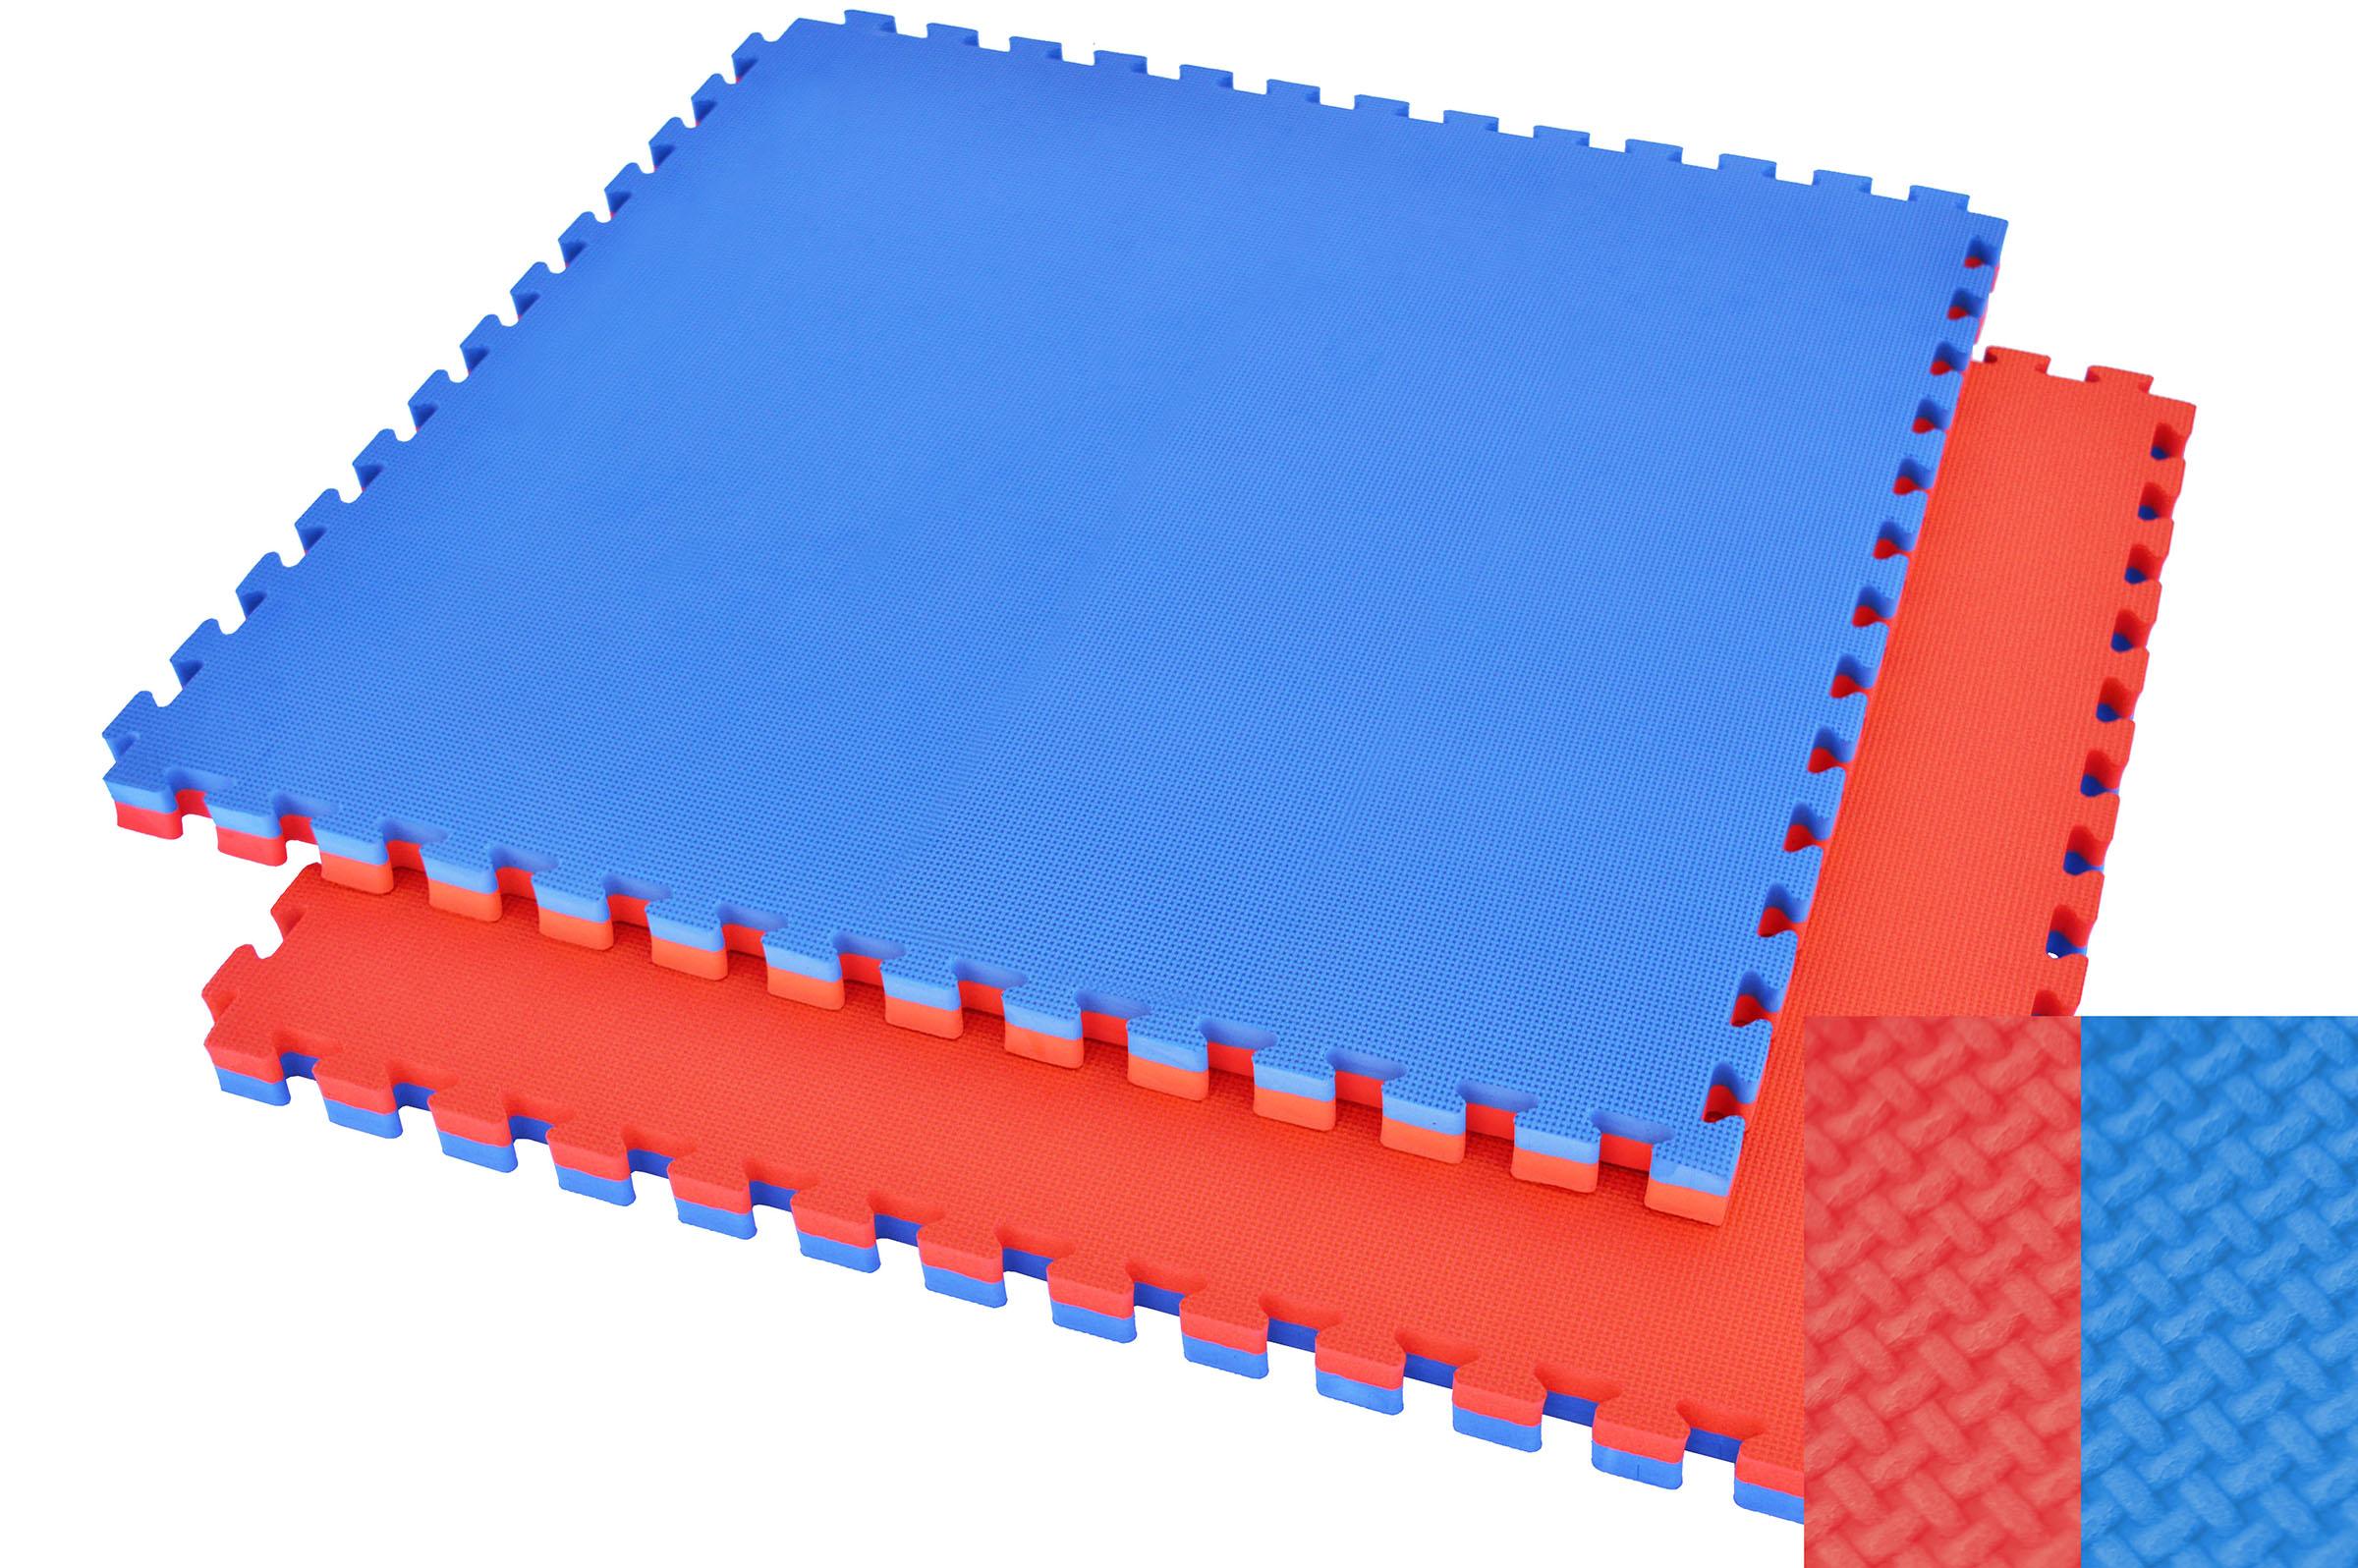 p hei infantino s qlt mats infant piece wid foam mat prod soft puzzle